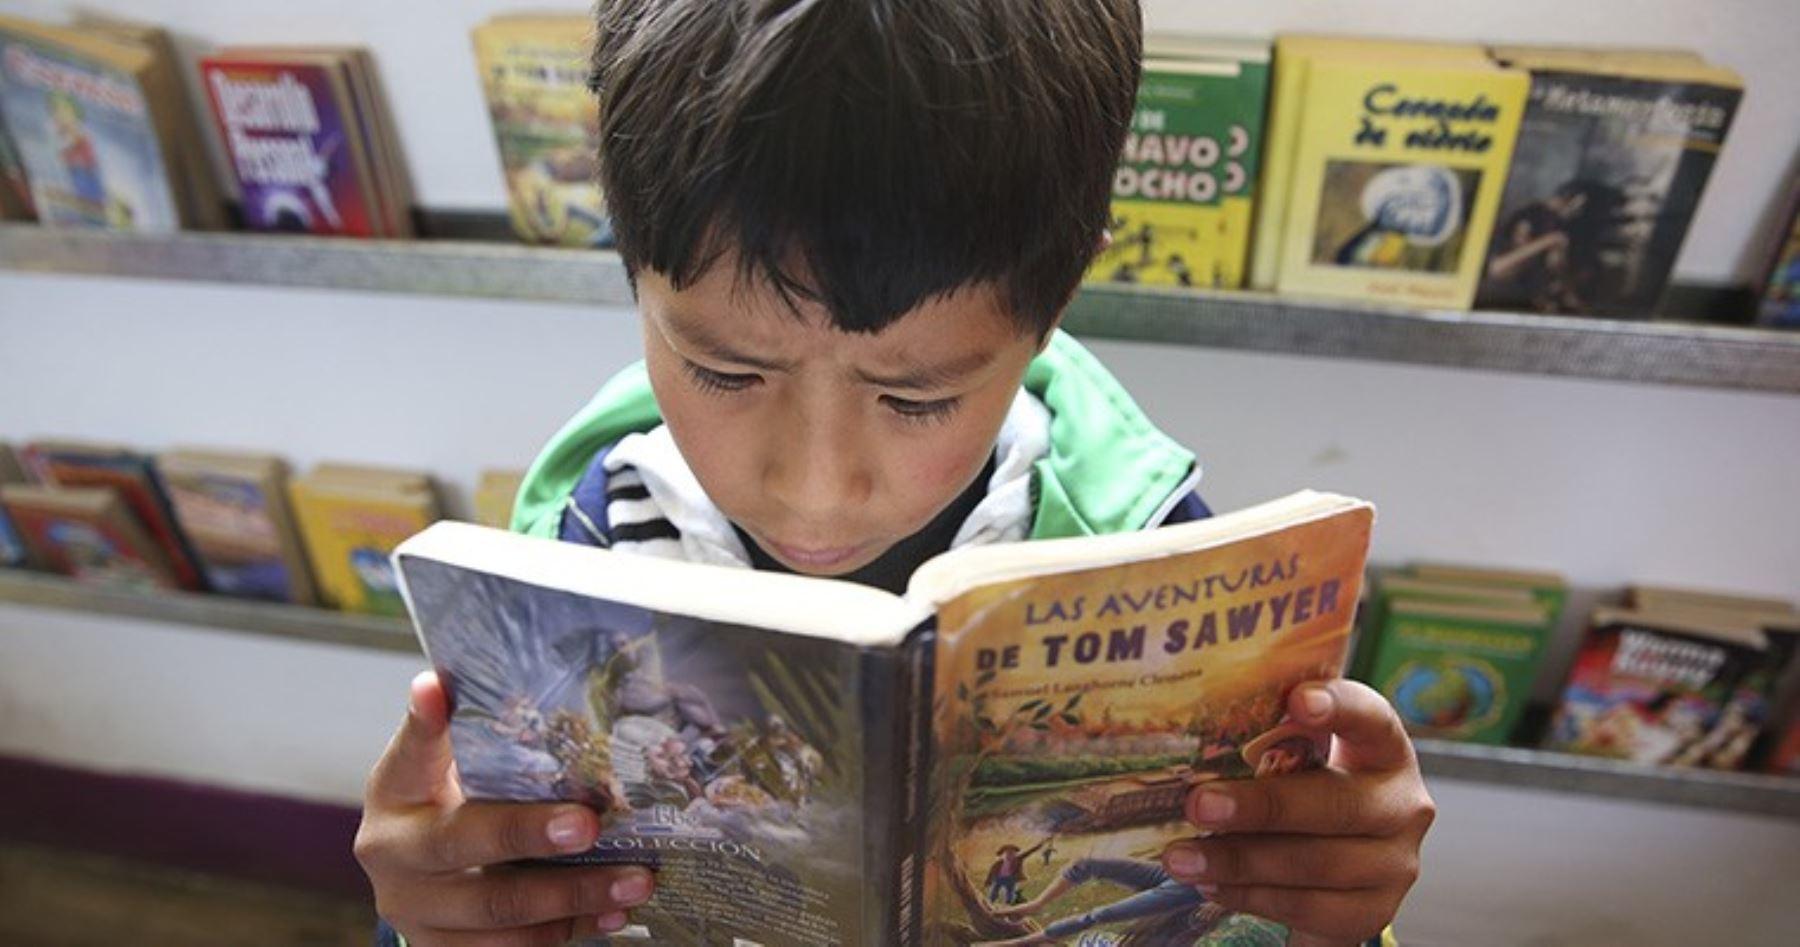 Niño leyendo. Foto: ANDINA/Melina Mejía.